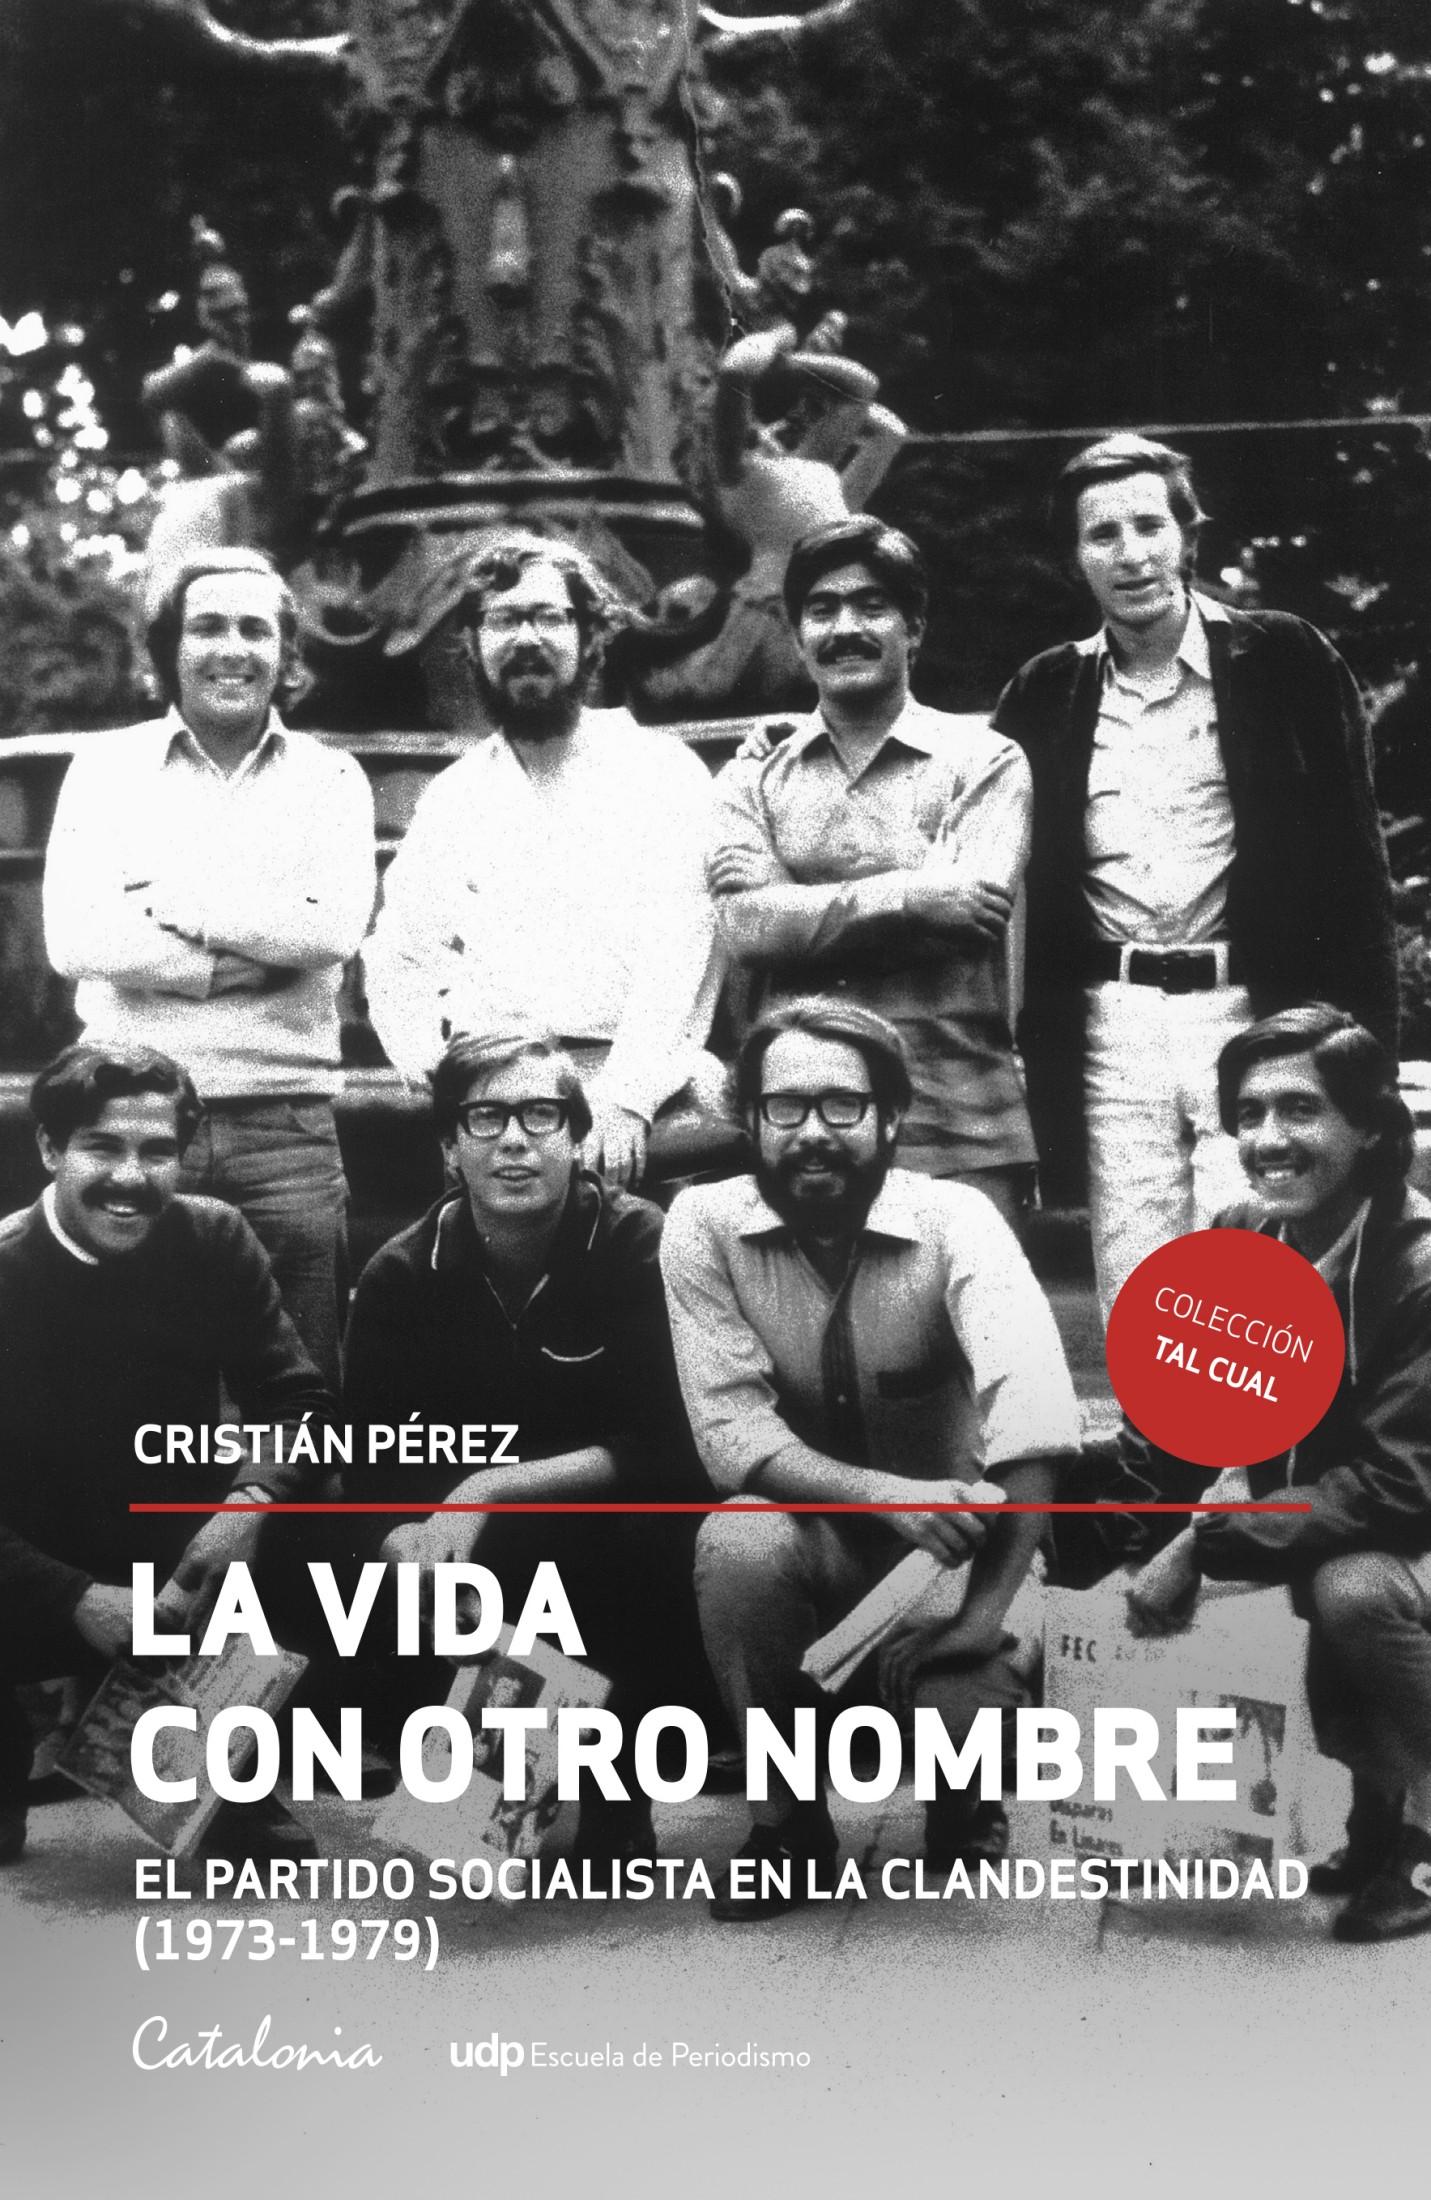 La vida con otro nombre: El Partido Socialista de Chile en la clandestinidad (1973-1979)